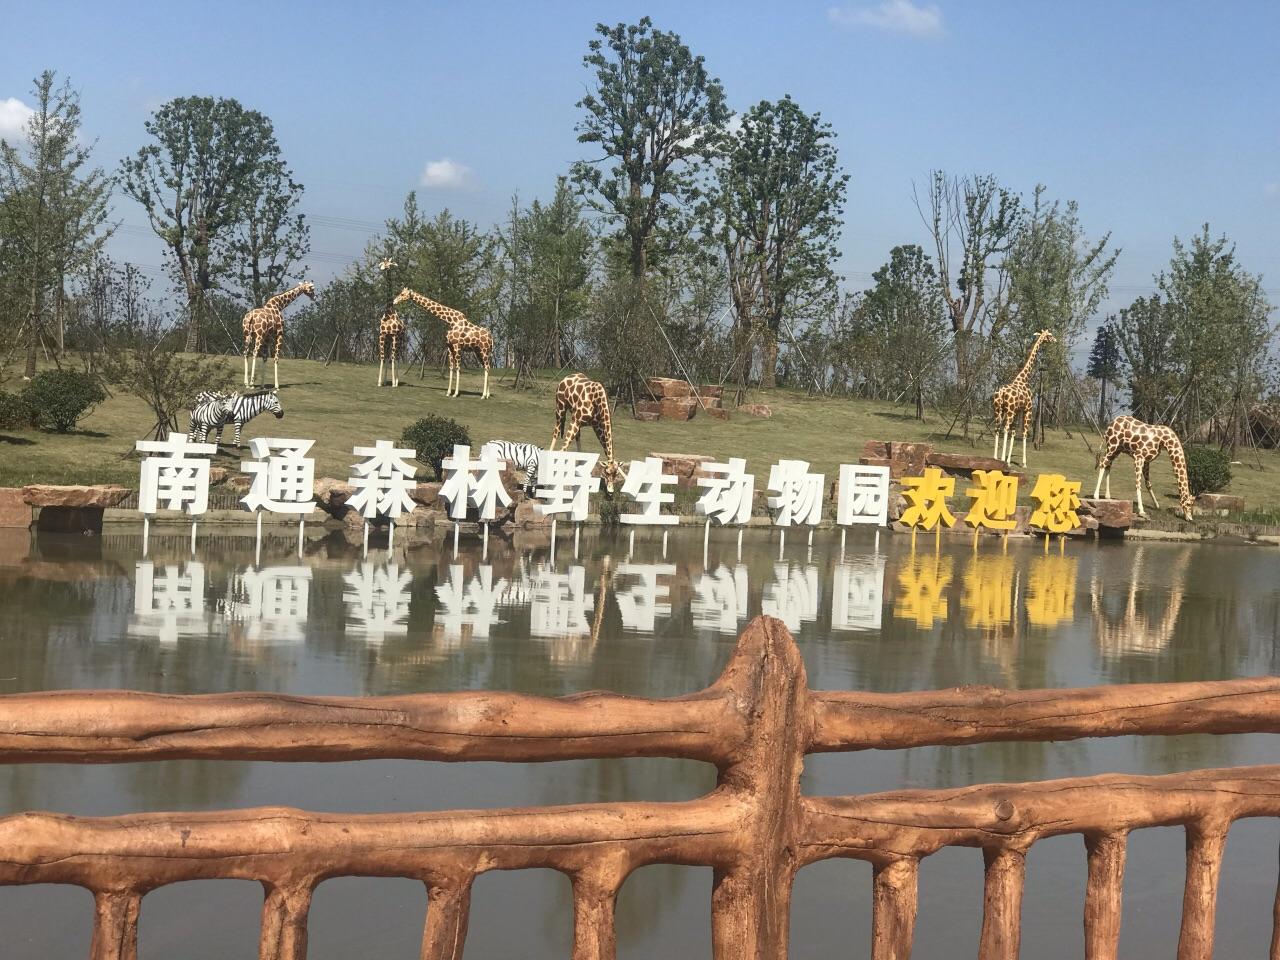 南通动物园_南通森林野生动物园